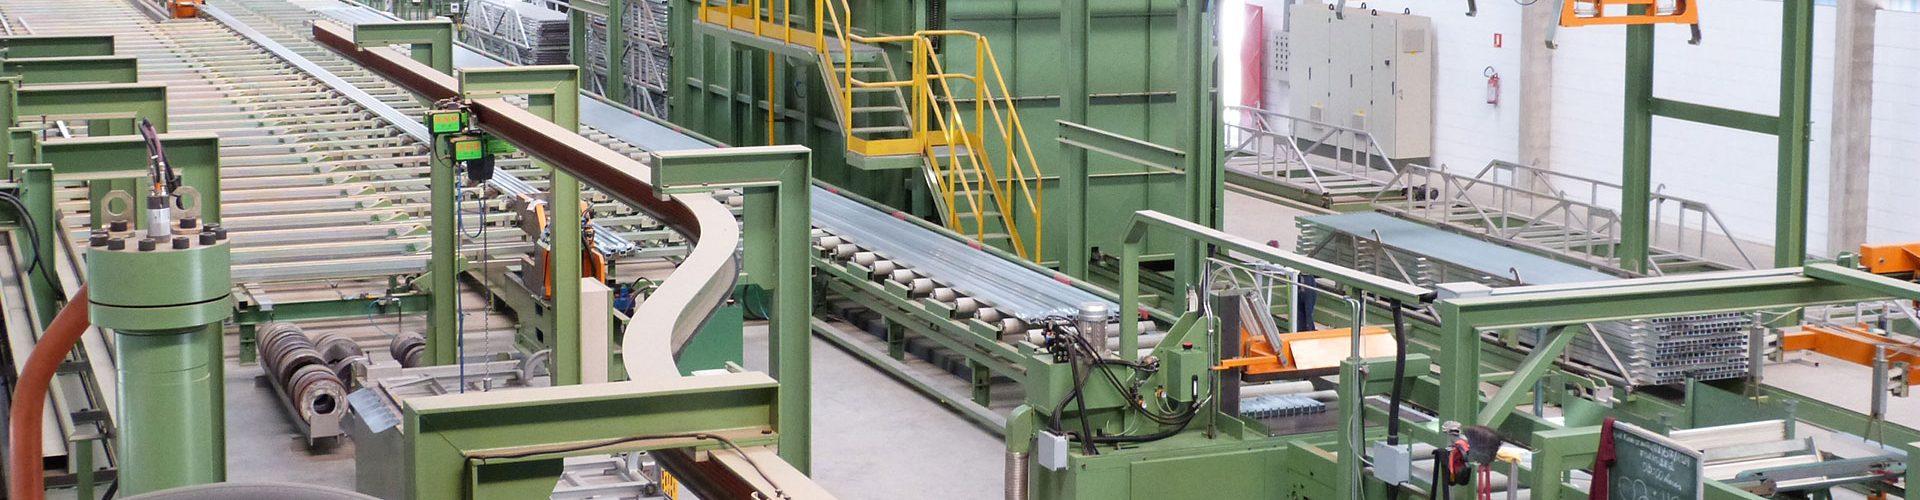 https://www.hyspex.com.br/wp-content/uploads/2020/05/Tubos-e-Perfis-de-Aluminio-Hyspex-Slide-2-1920x500.jpg